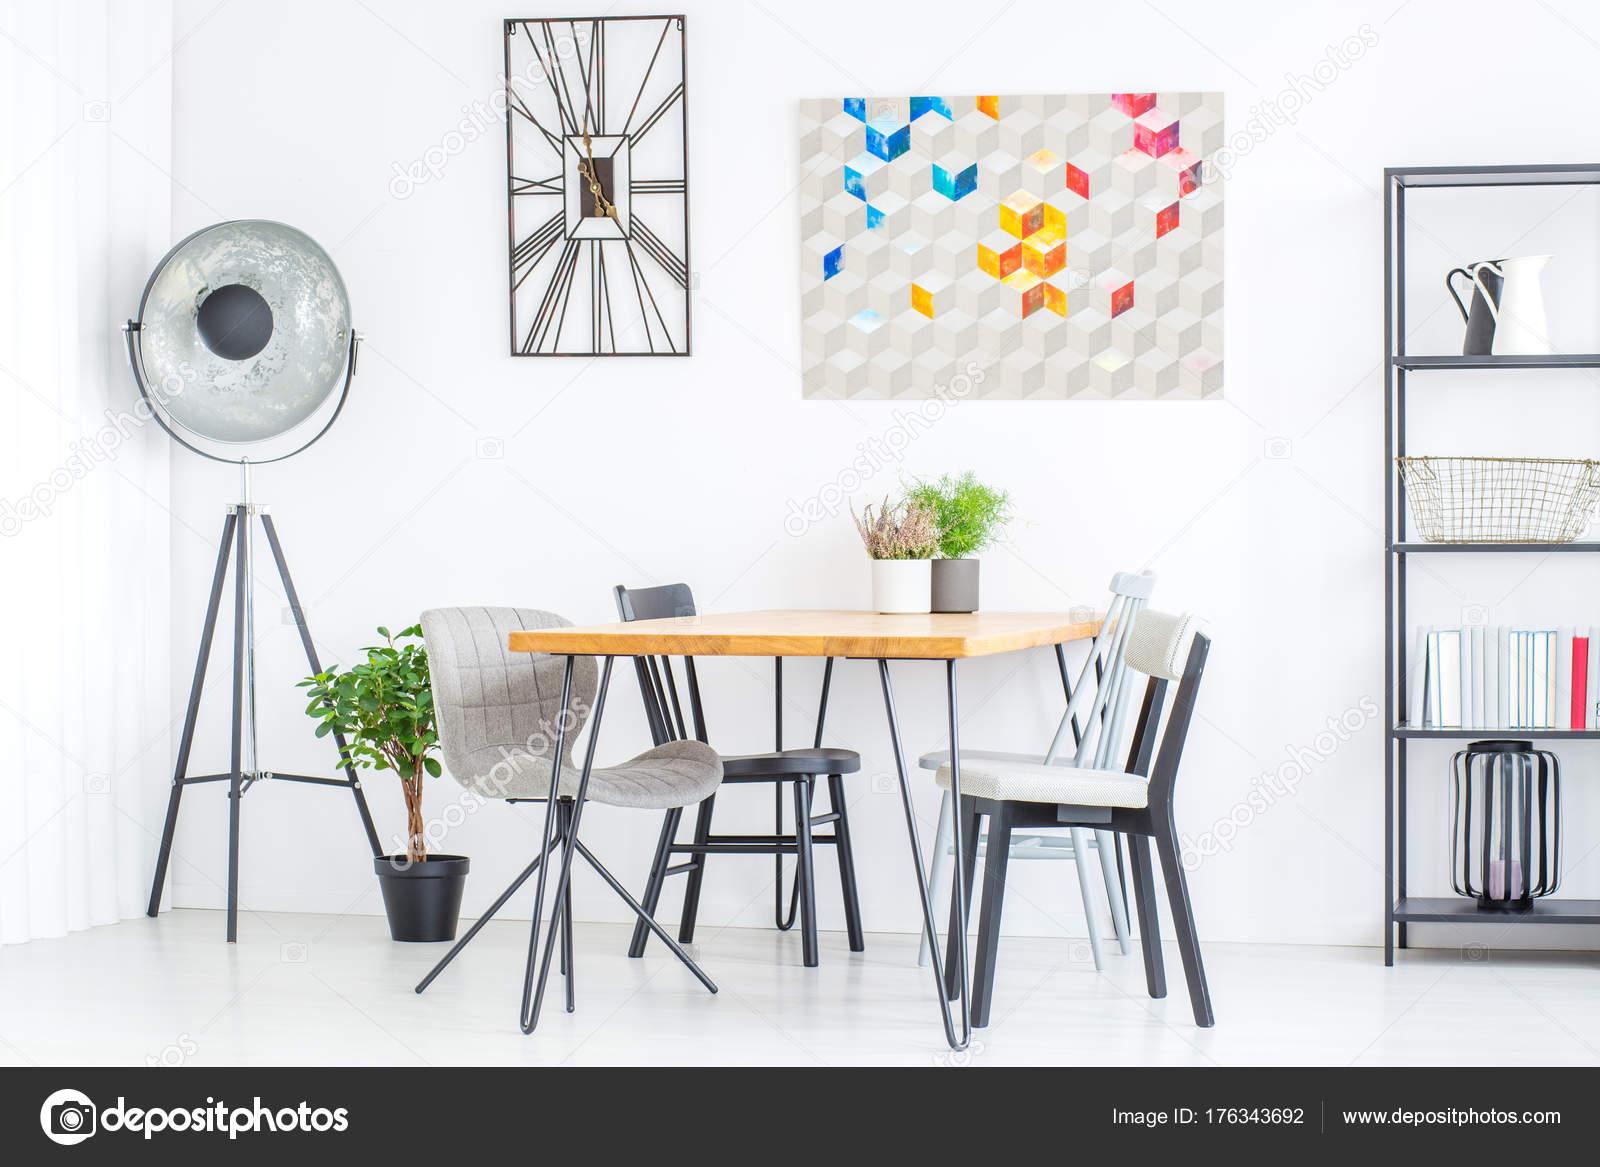 Design lamp in de eetkamer — Stockfoto © photographee.eu #176343692